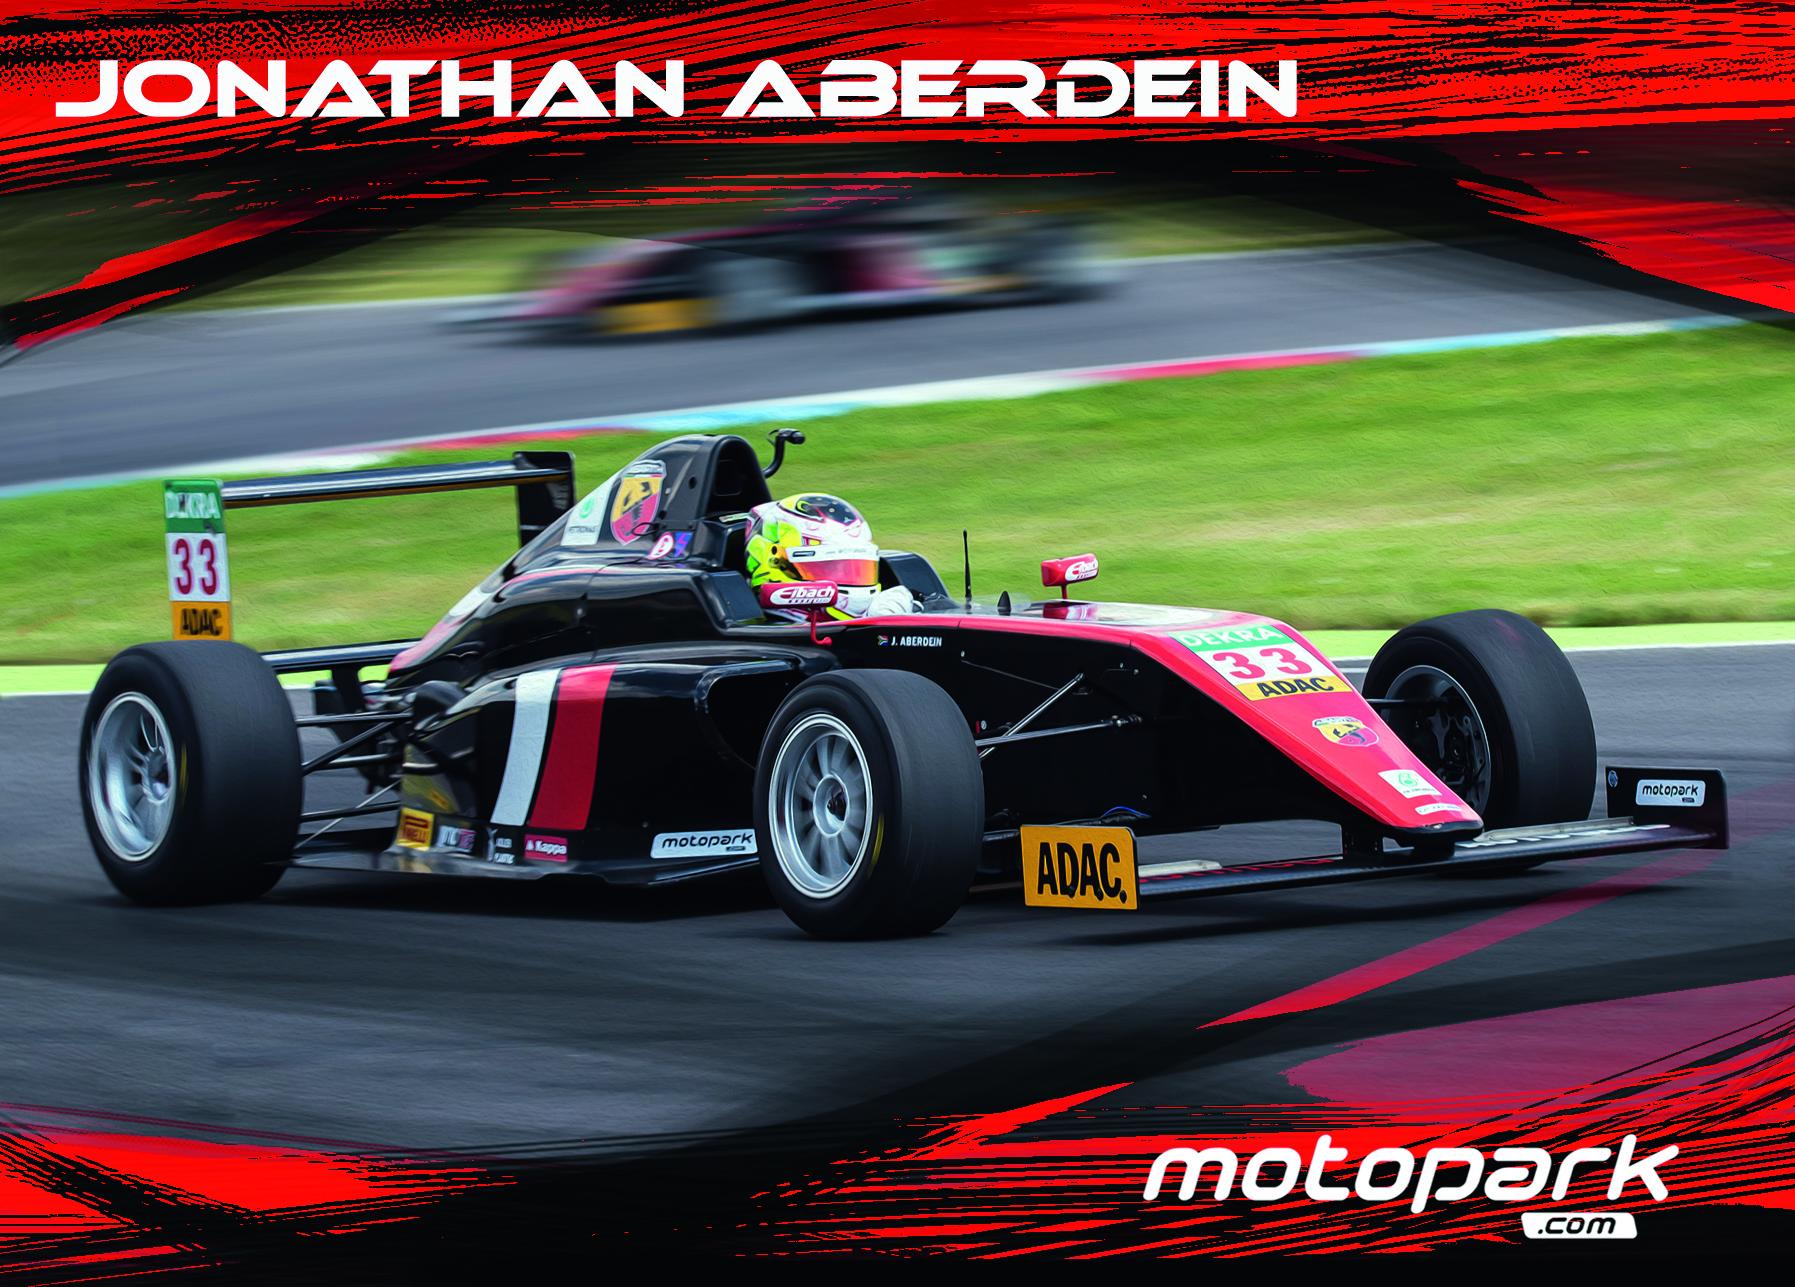 Autogrammkarte des Formel 4-Piloten Jonathan Aberdein.